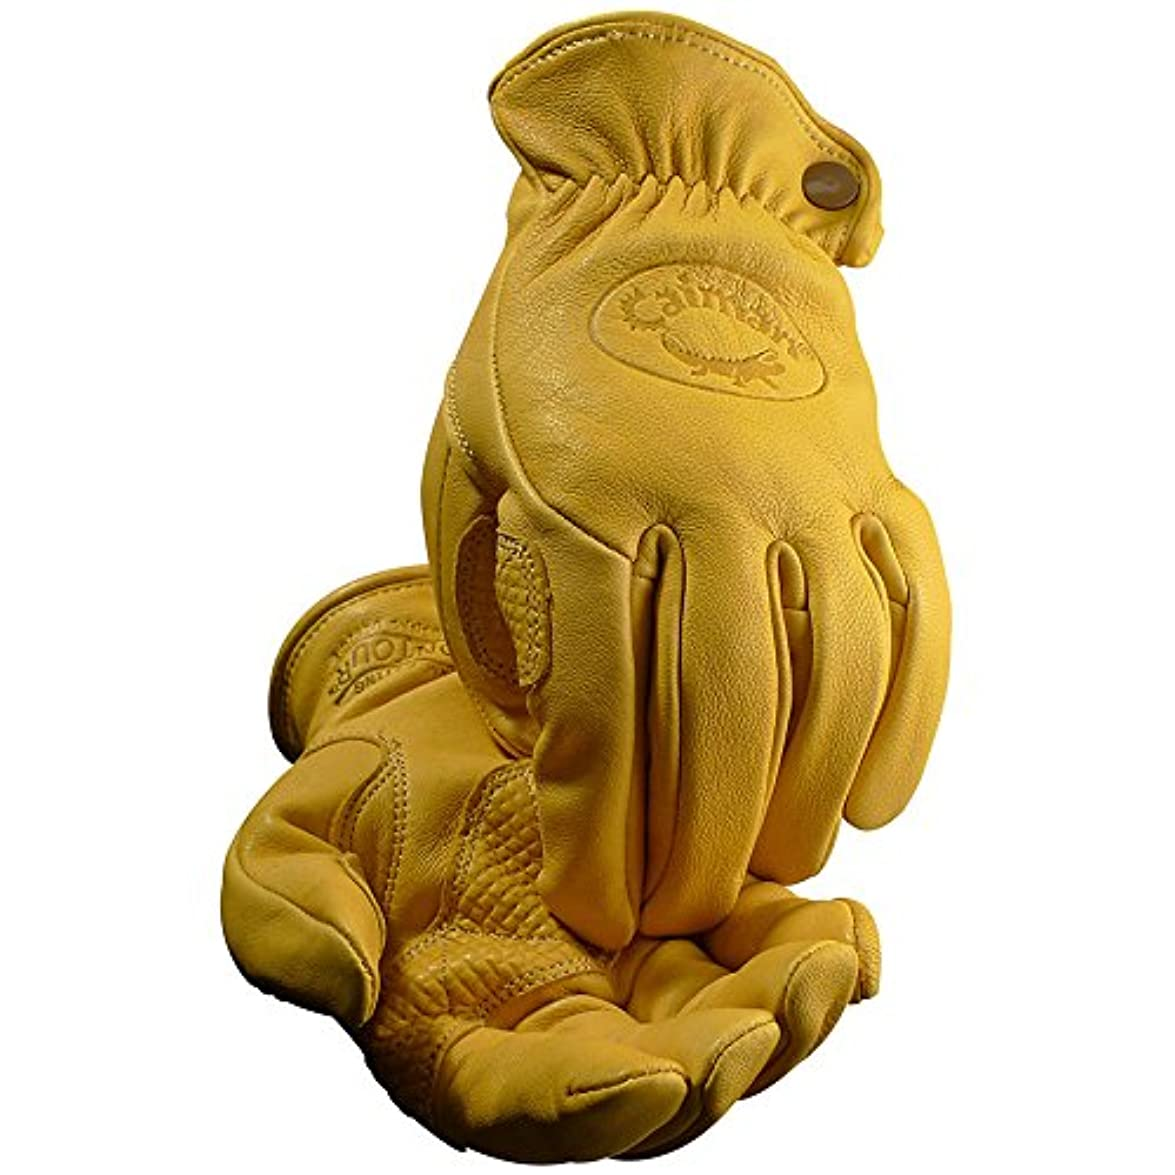 要旨部門心のこもったCaiman カイマン レザーグローブ(革手袋) ドライバー/ワーク/バイク Gold Sheep Grain(羊革) (L)